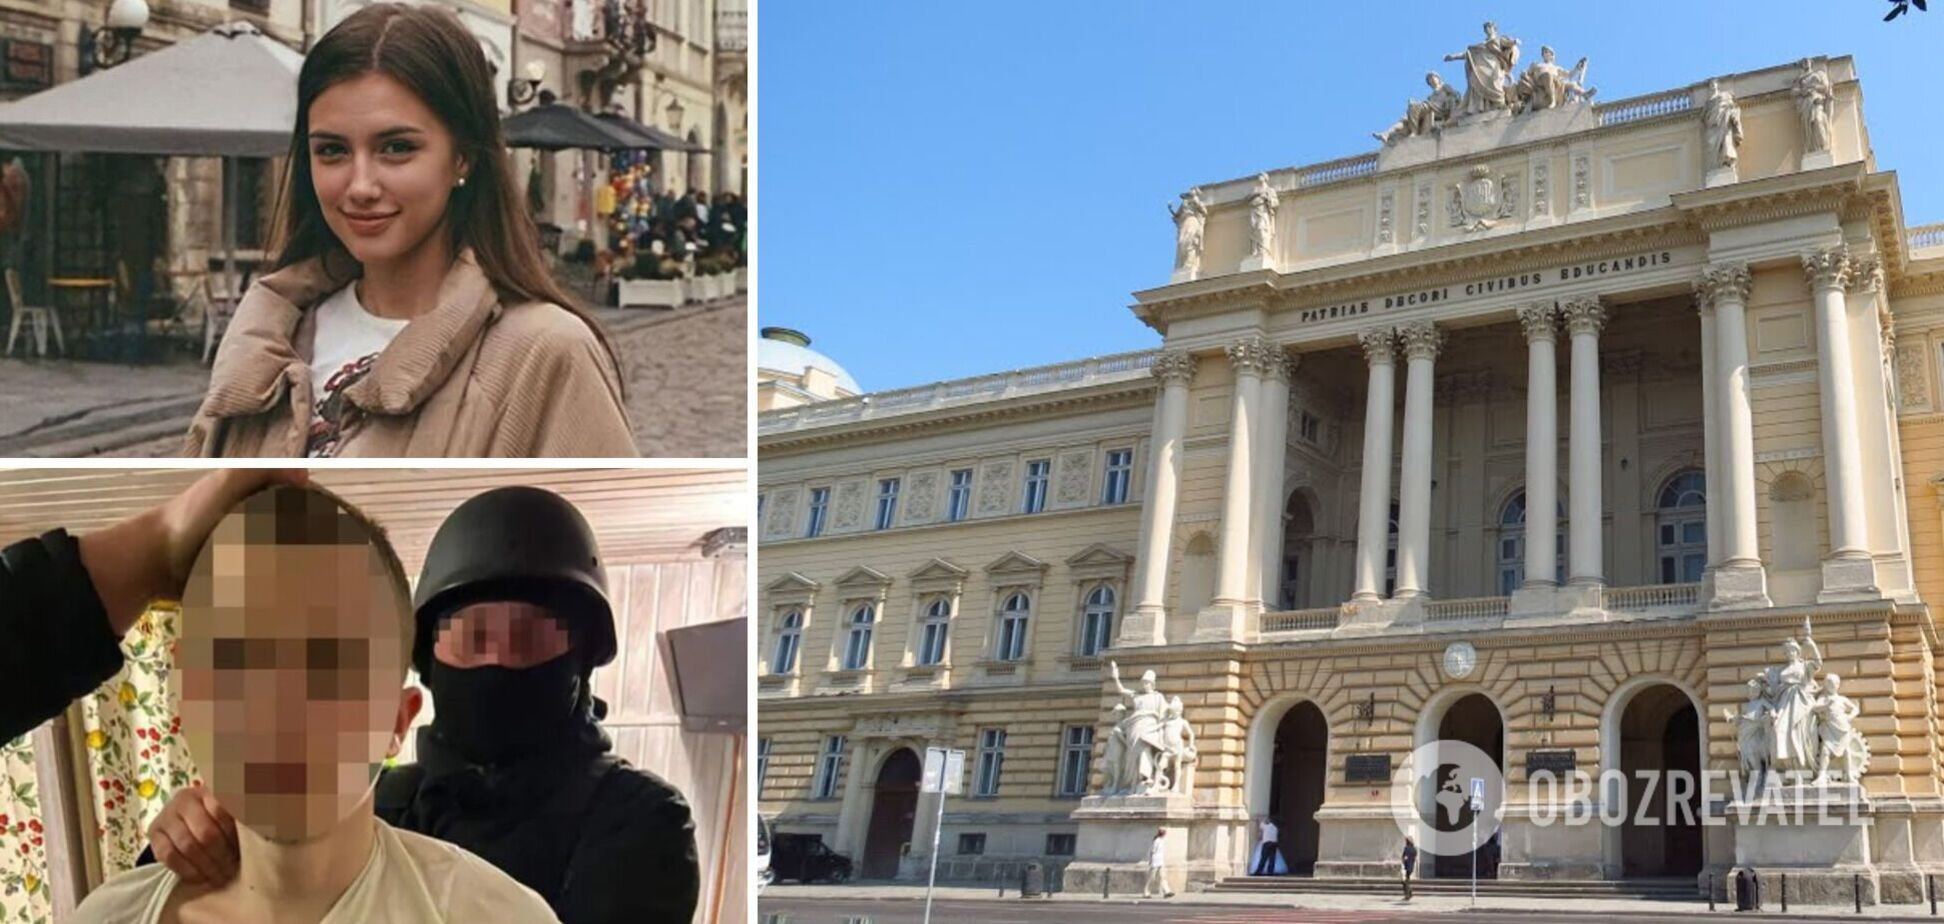 Во Львове парень 'на почве ревности' убил 19-летнюю студентку: новые подробности трагедии